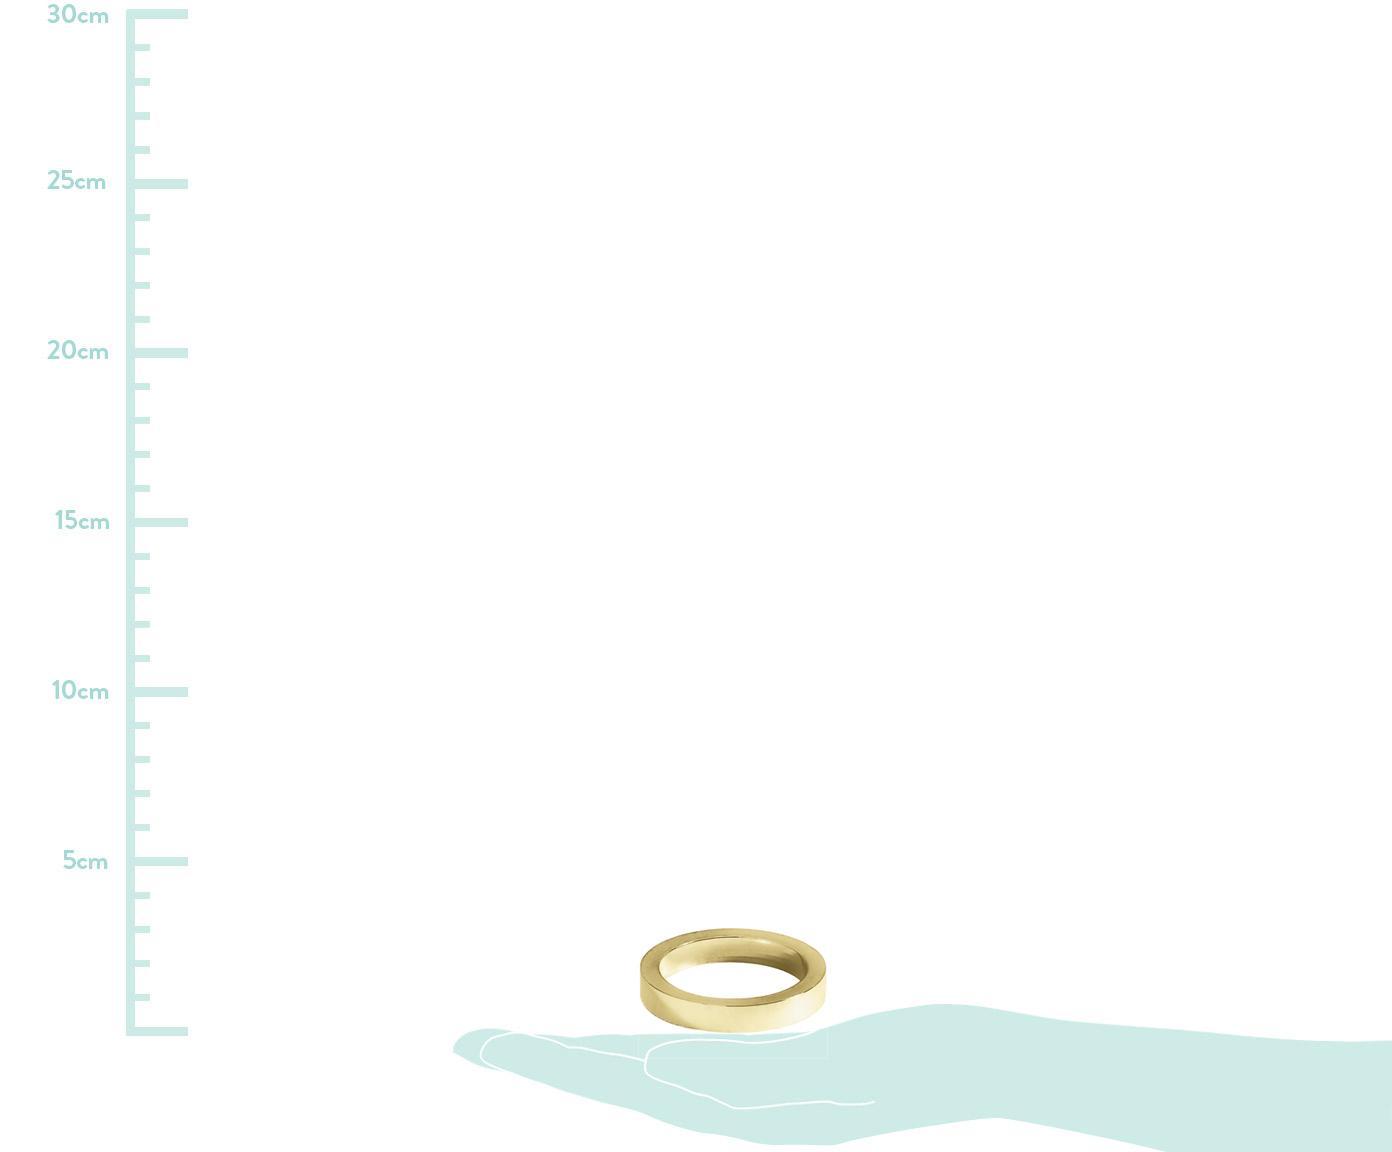 Serviettenringe Vasa, 4 Stück, Metall, beschichtet mit Antik-Finish, Goldfarben, Ø 5 cm